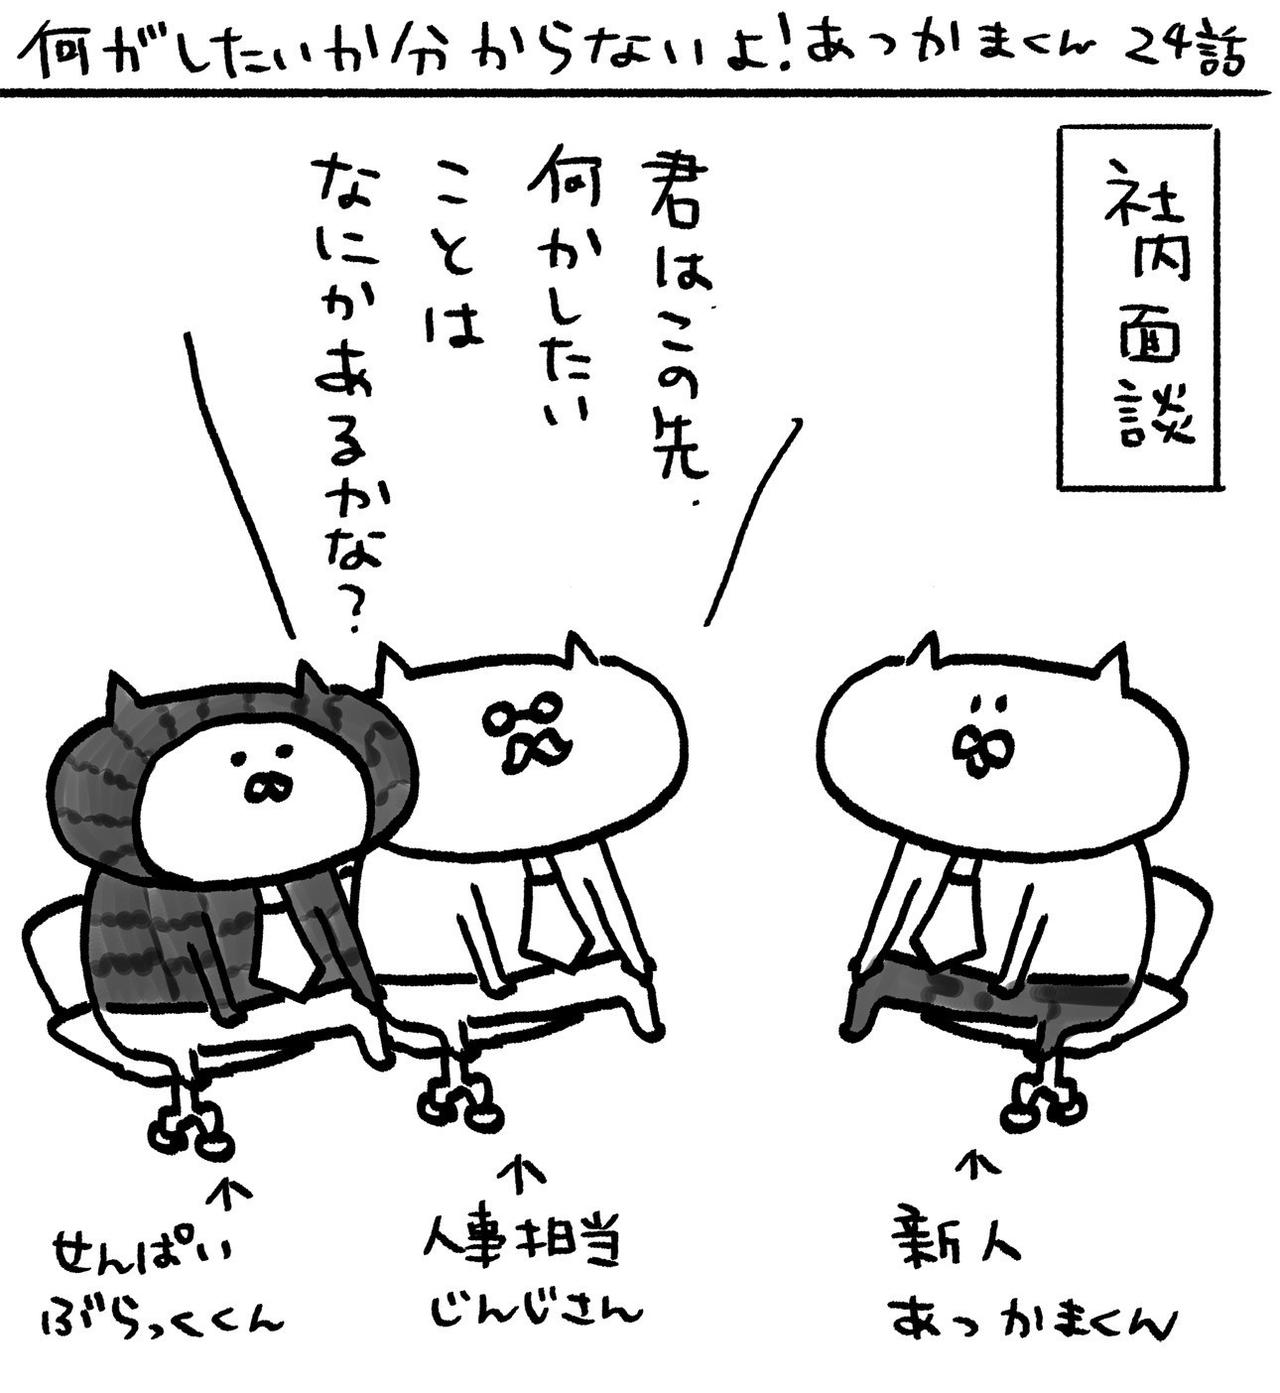 0024ダメリーマン1